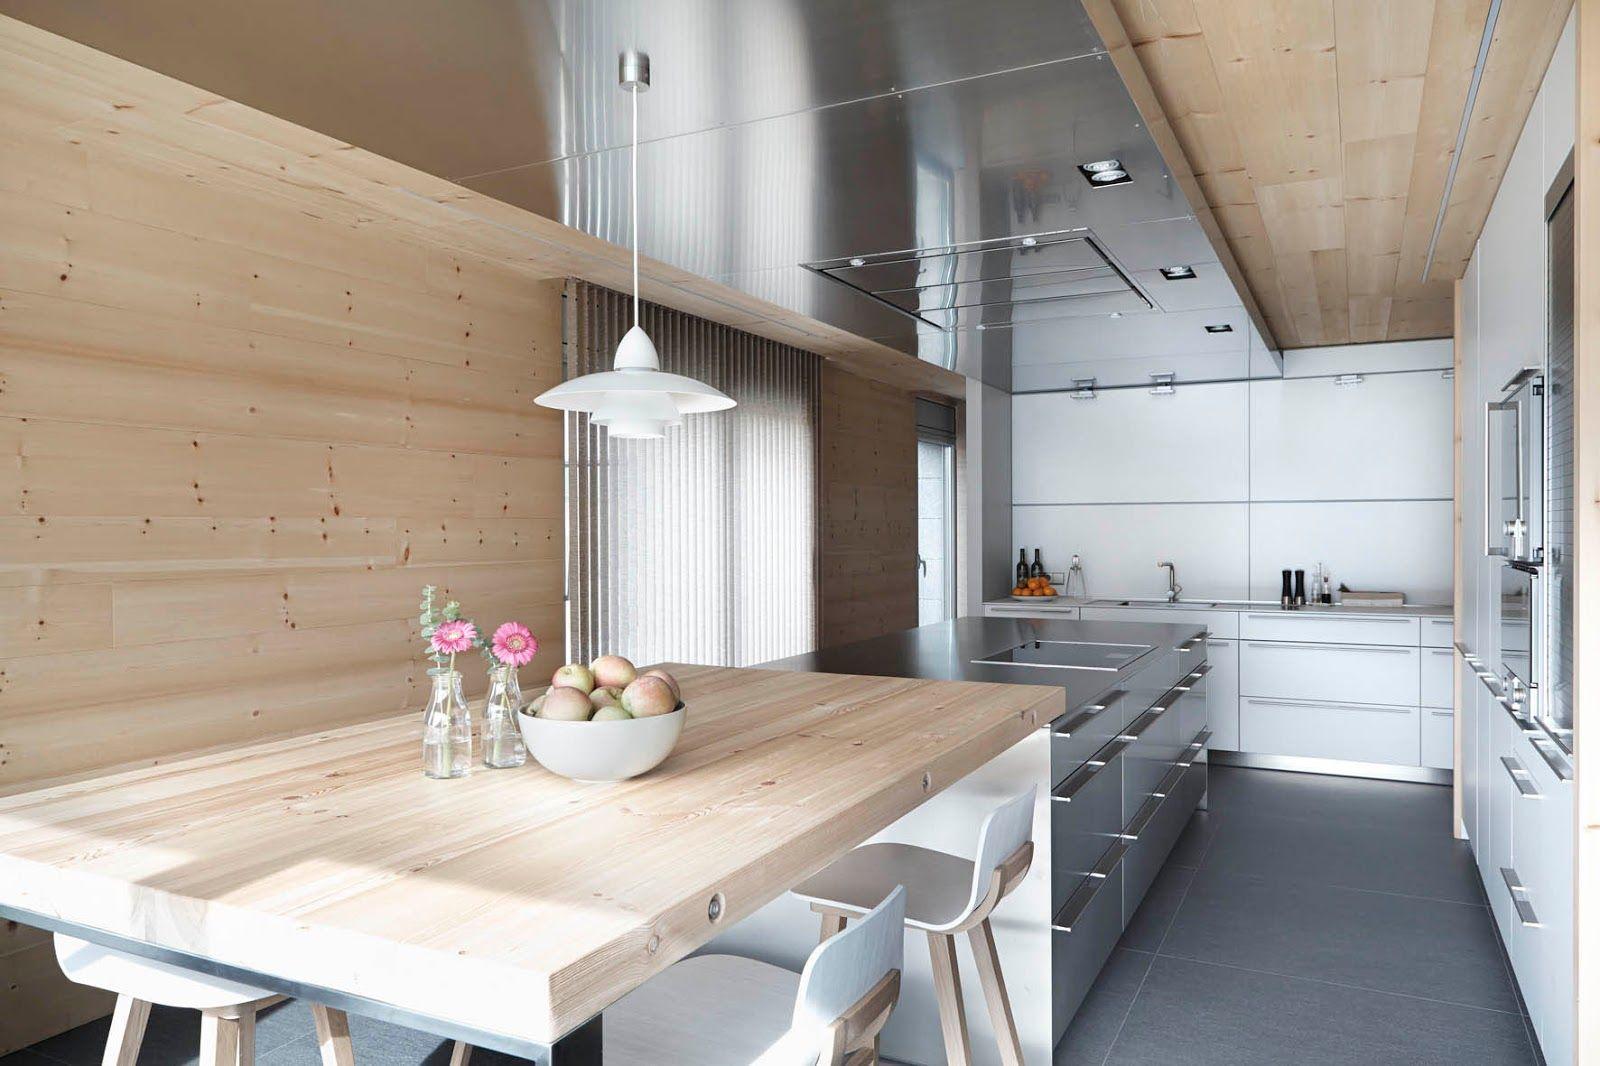 светлая кухня в деревянном доме в стиле минимализм